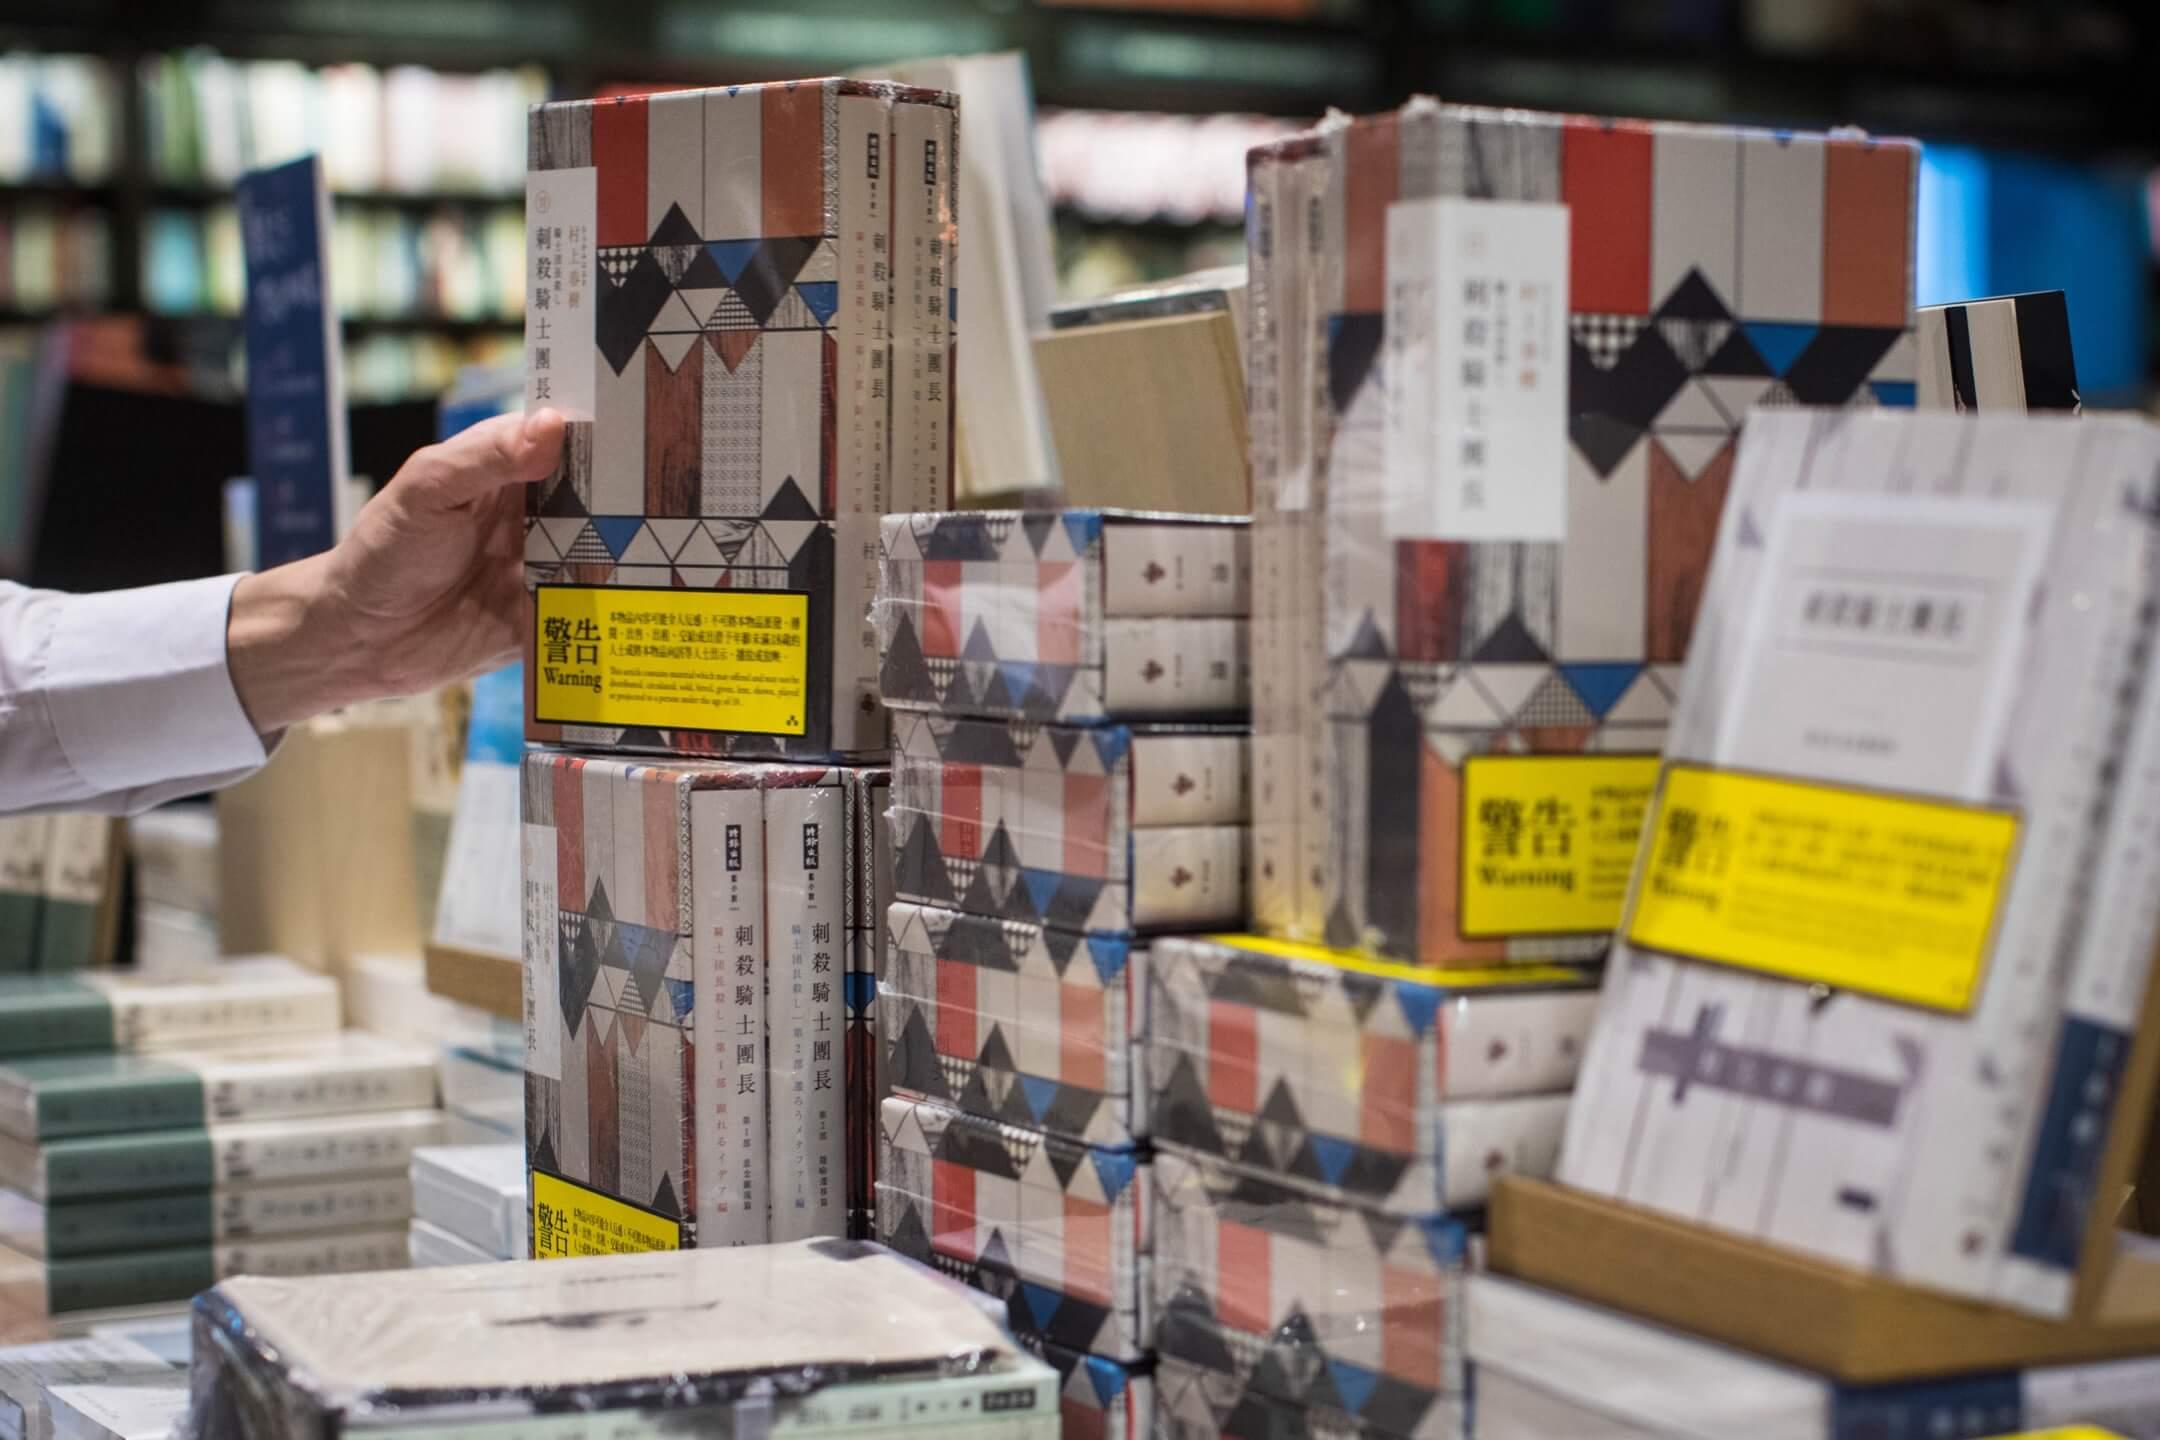 香港淫褻物品審裁處於7月26日公布,正式評定村上春樹《刺殺騎士團長》為第二類不雅物品,隨即在全港書市包膠袋並加警告字眼。 攝:Stanley Leung/端傳媒